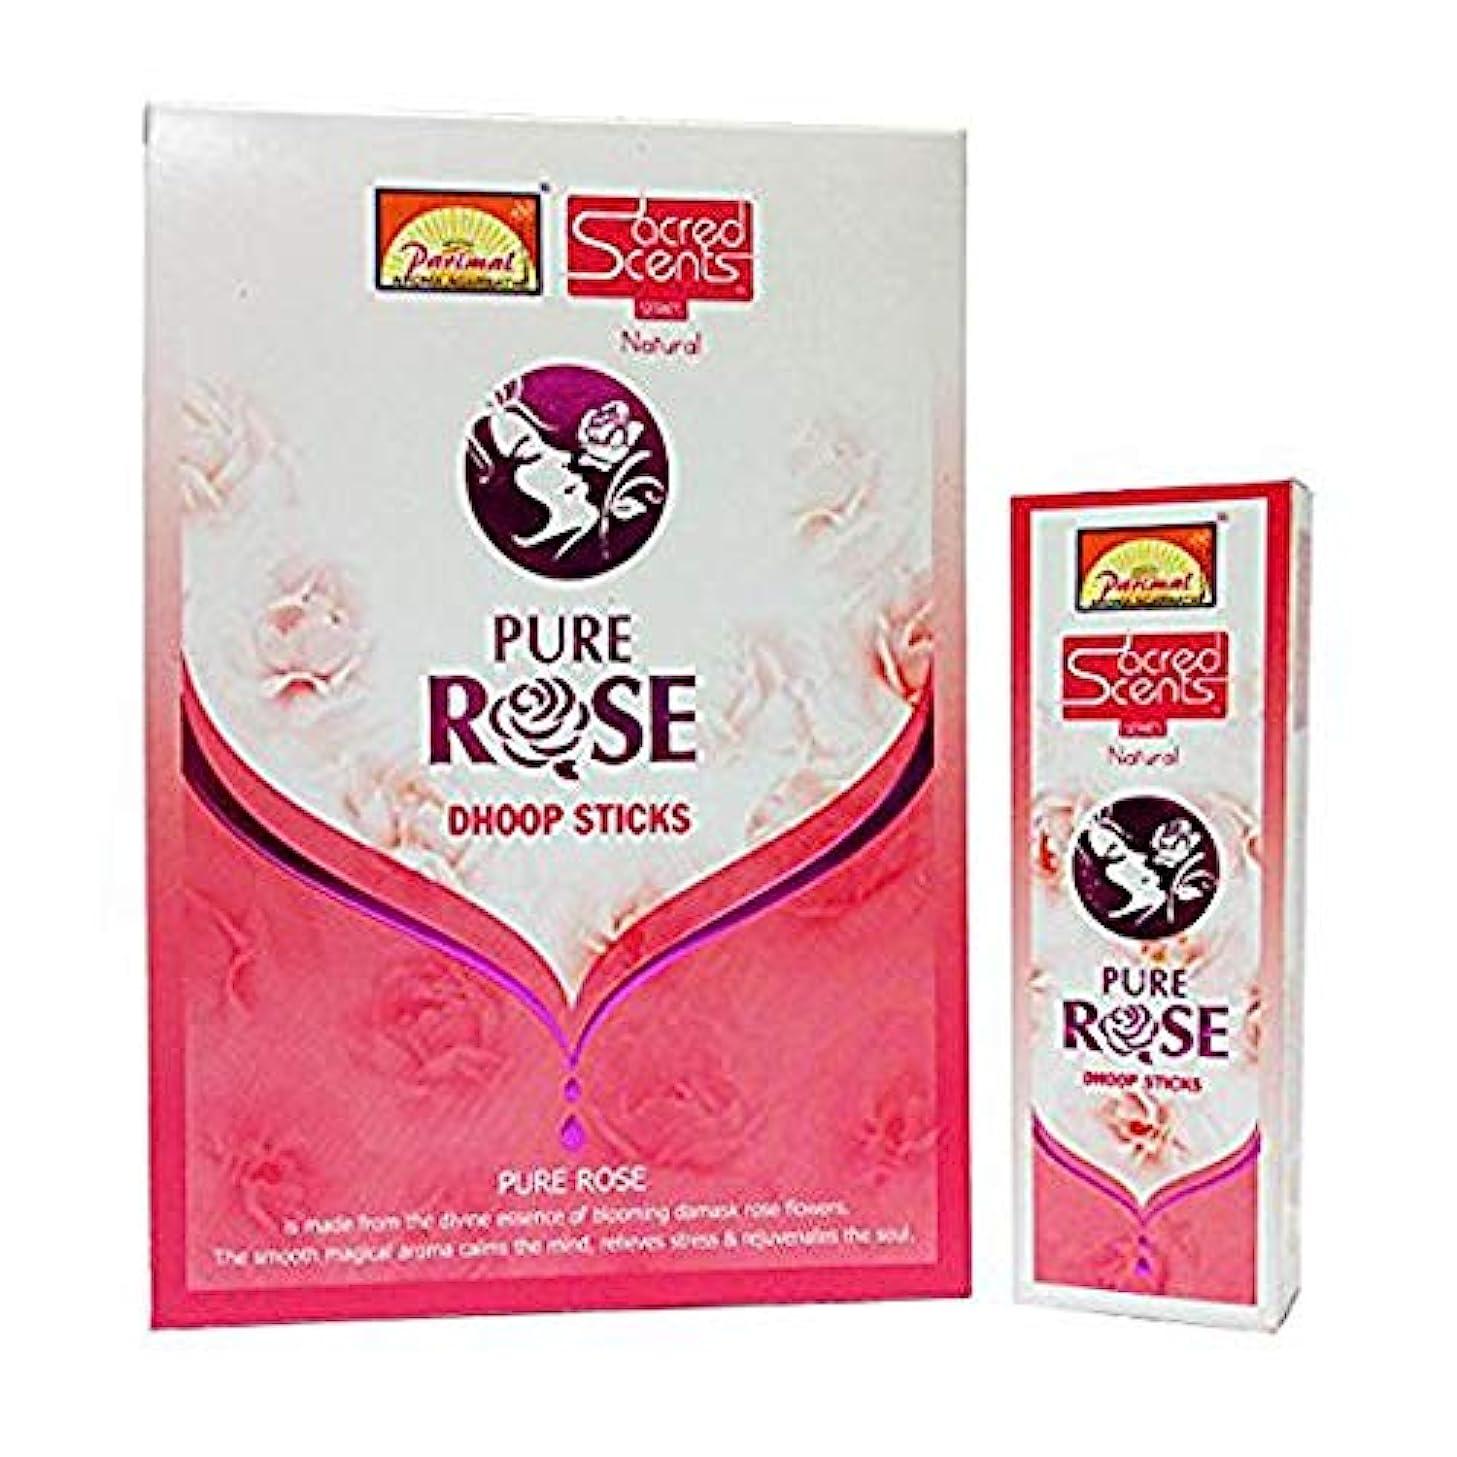 医学肉の子供っぽいParimal Sacred Scents Pure Rose Dhoop Sticks 50グラムパック、6カウントin aボックス